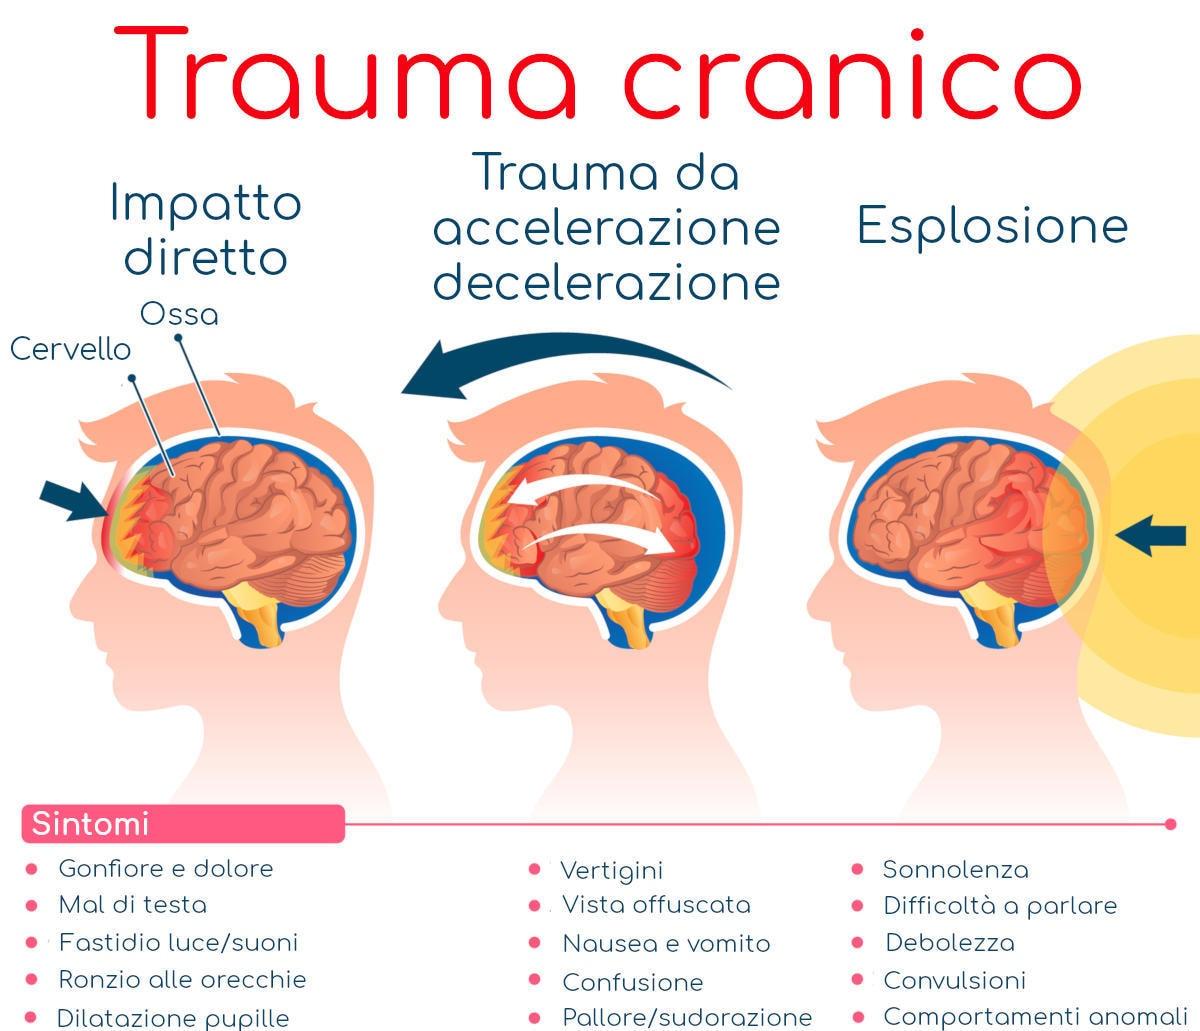 Infografica sui sintomi da trauma cranico